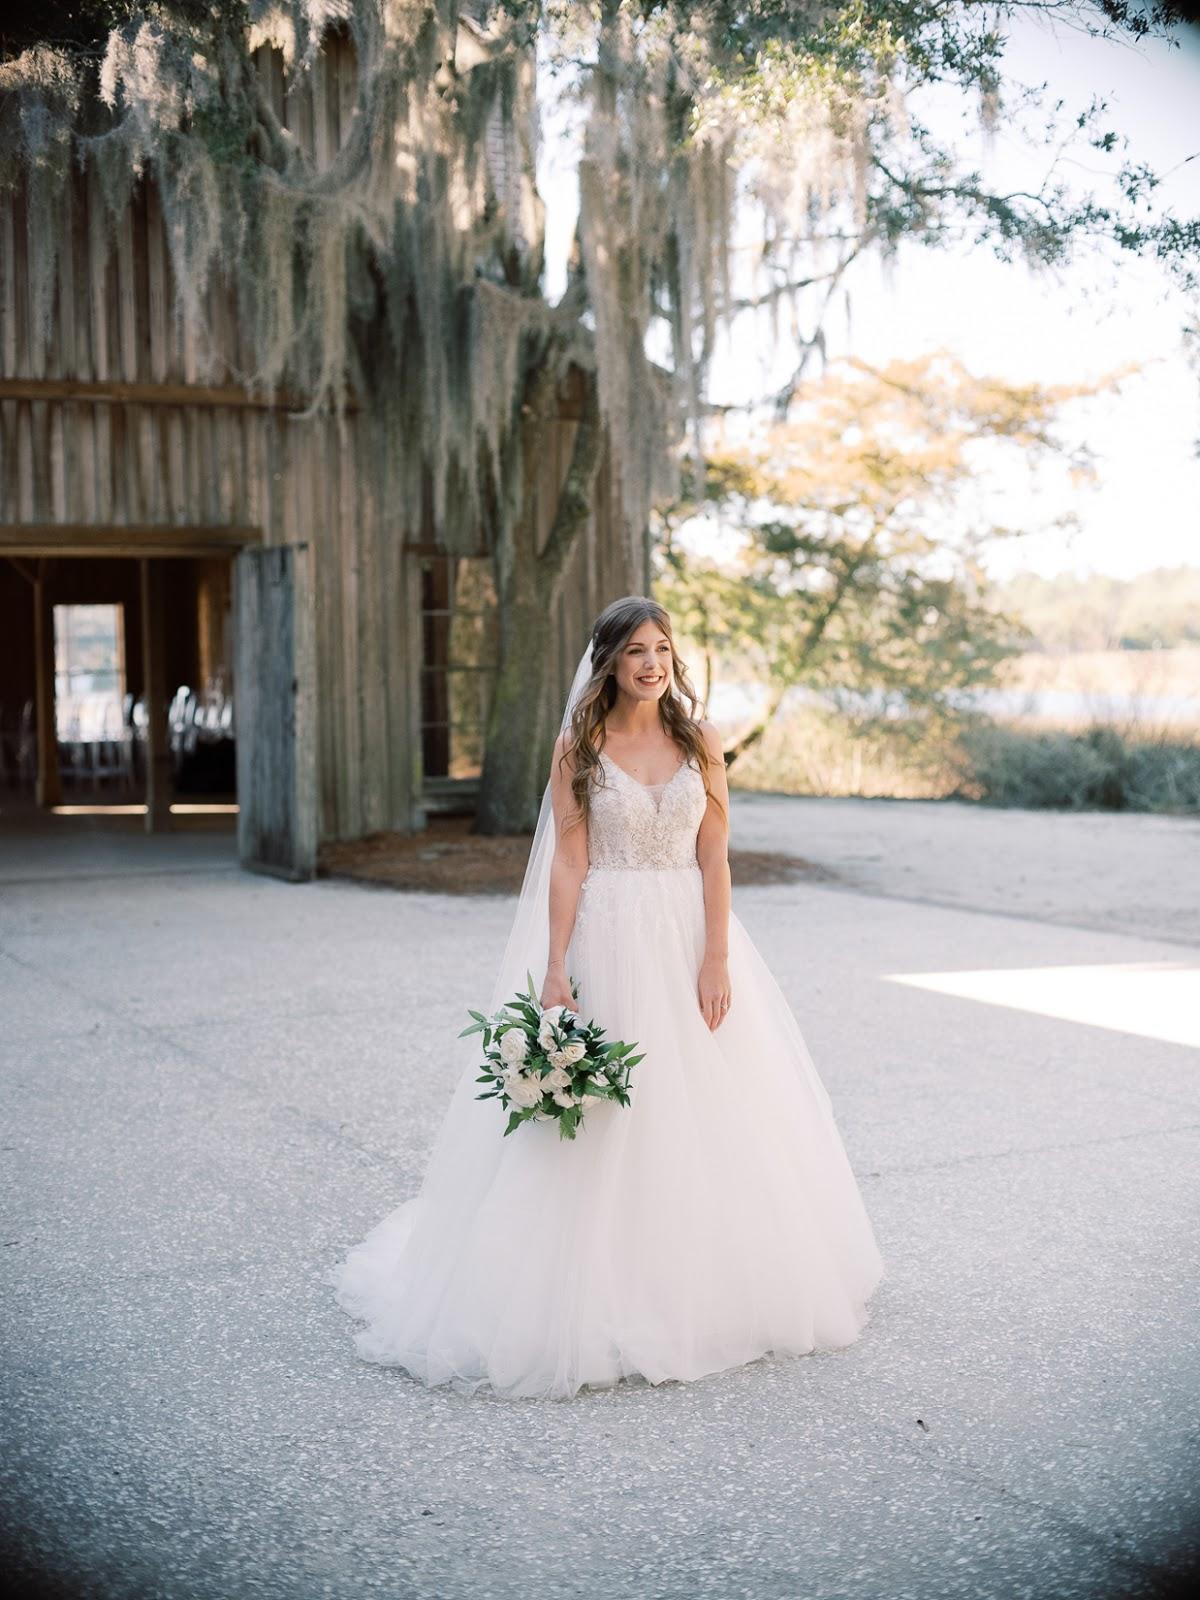 Bridal Portraits at Boone Hall Plantation - Chasing Cinderella